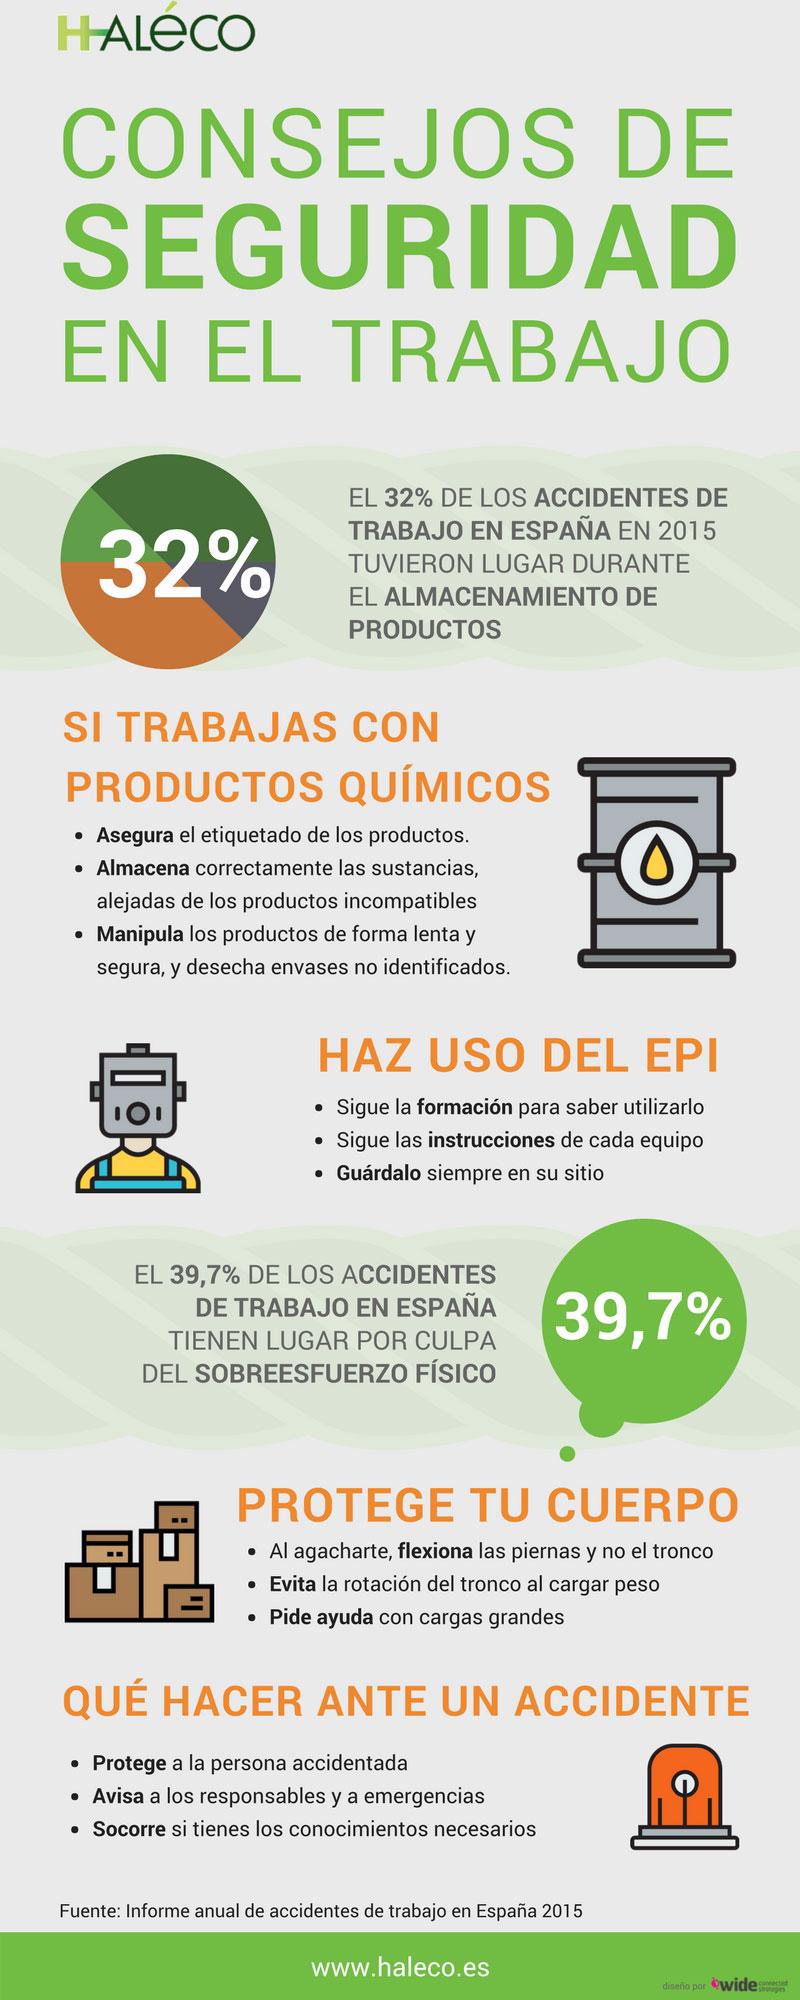 Infografía 12 consejos de seguridad en el trabajo 00 | Haleco